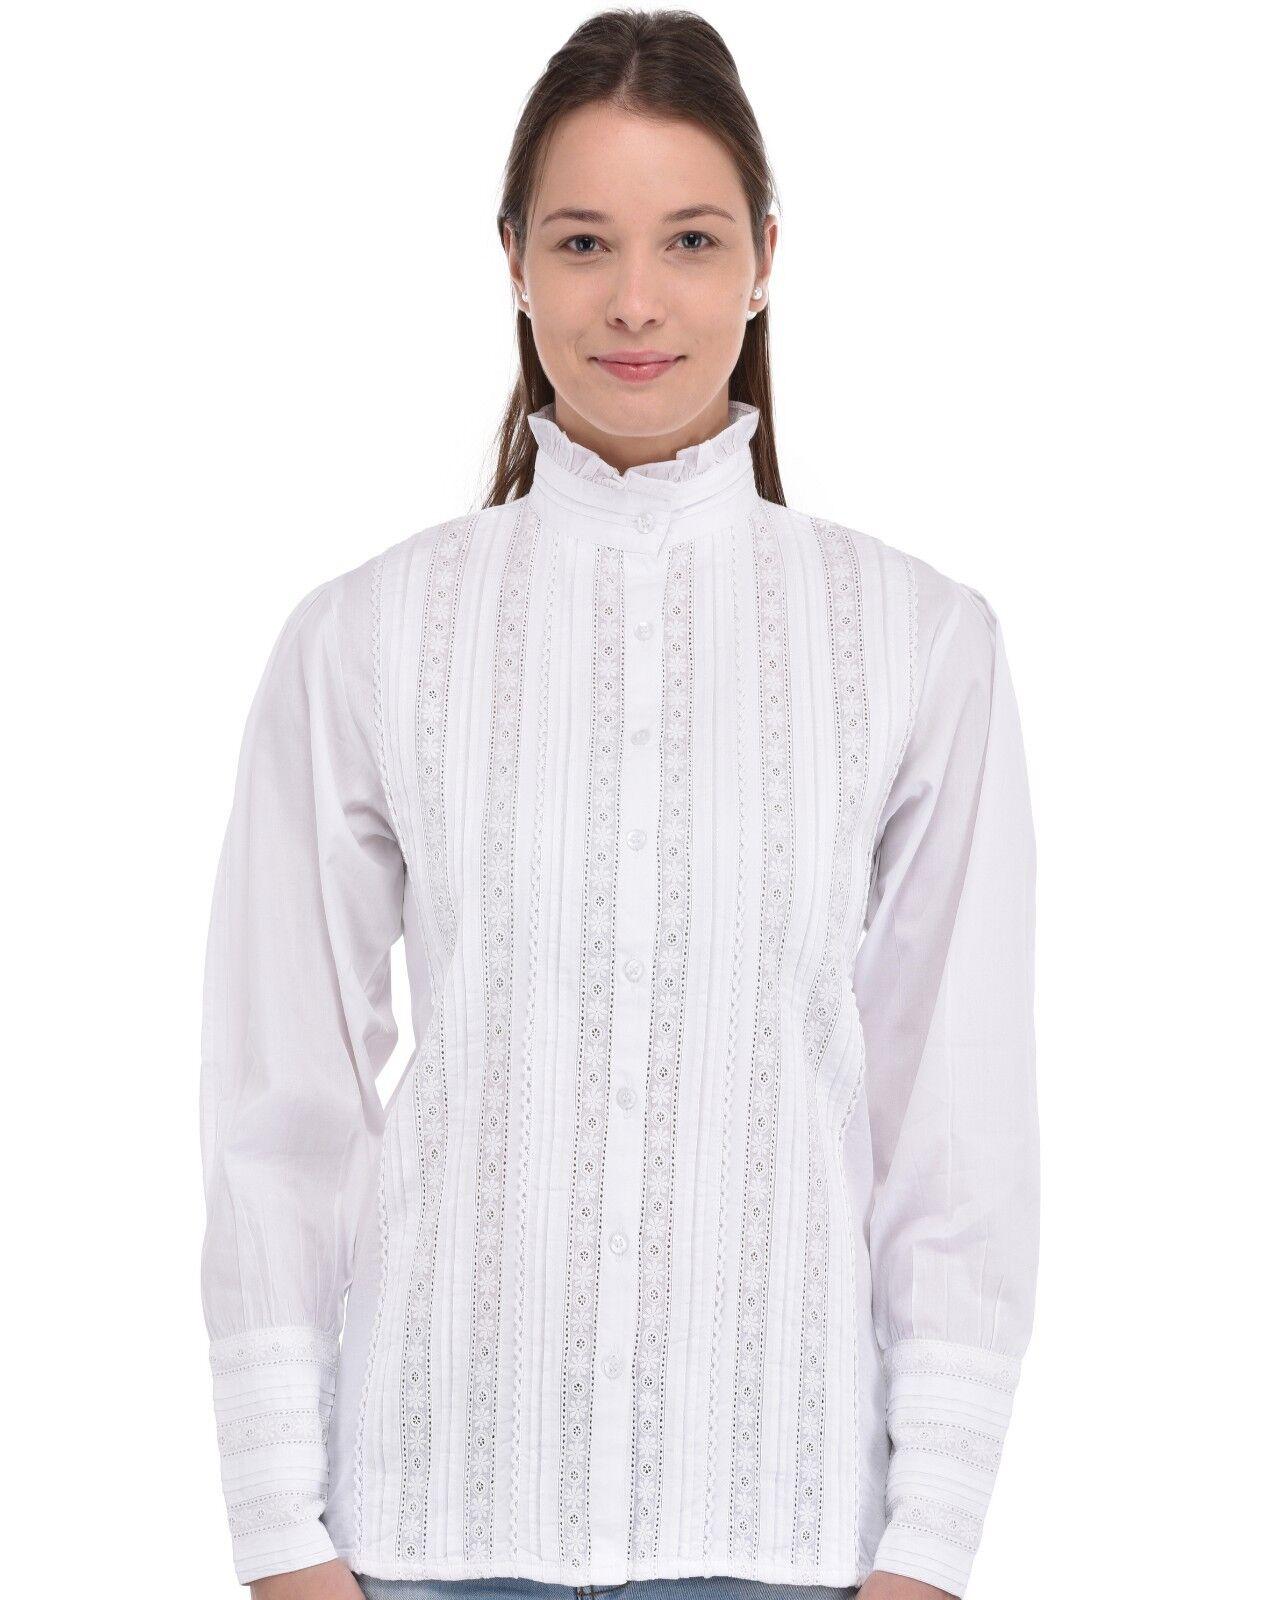 Woherren Weiß Tops   Elegant Weiß Tops For Ladies   Cotton Lane